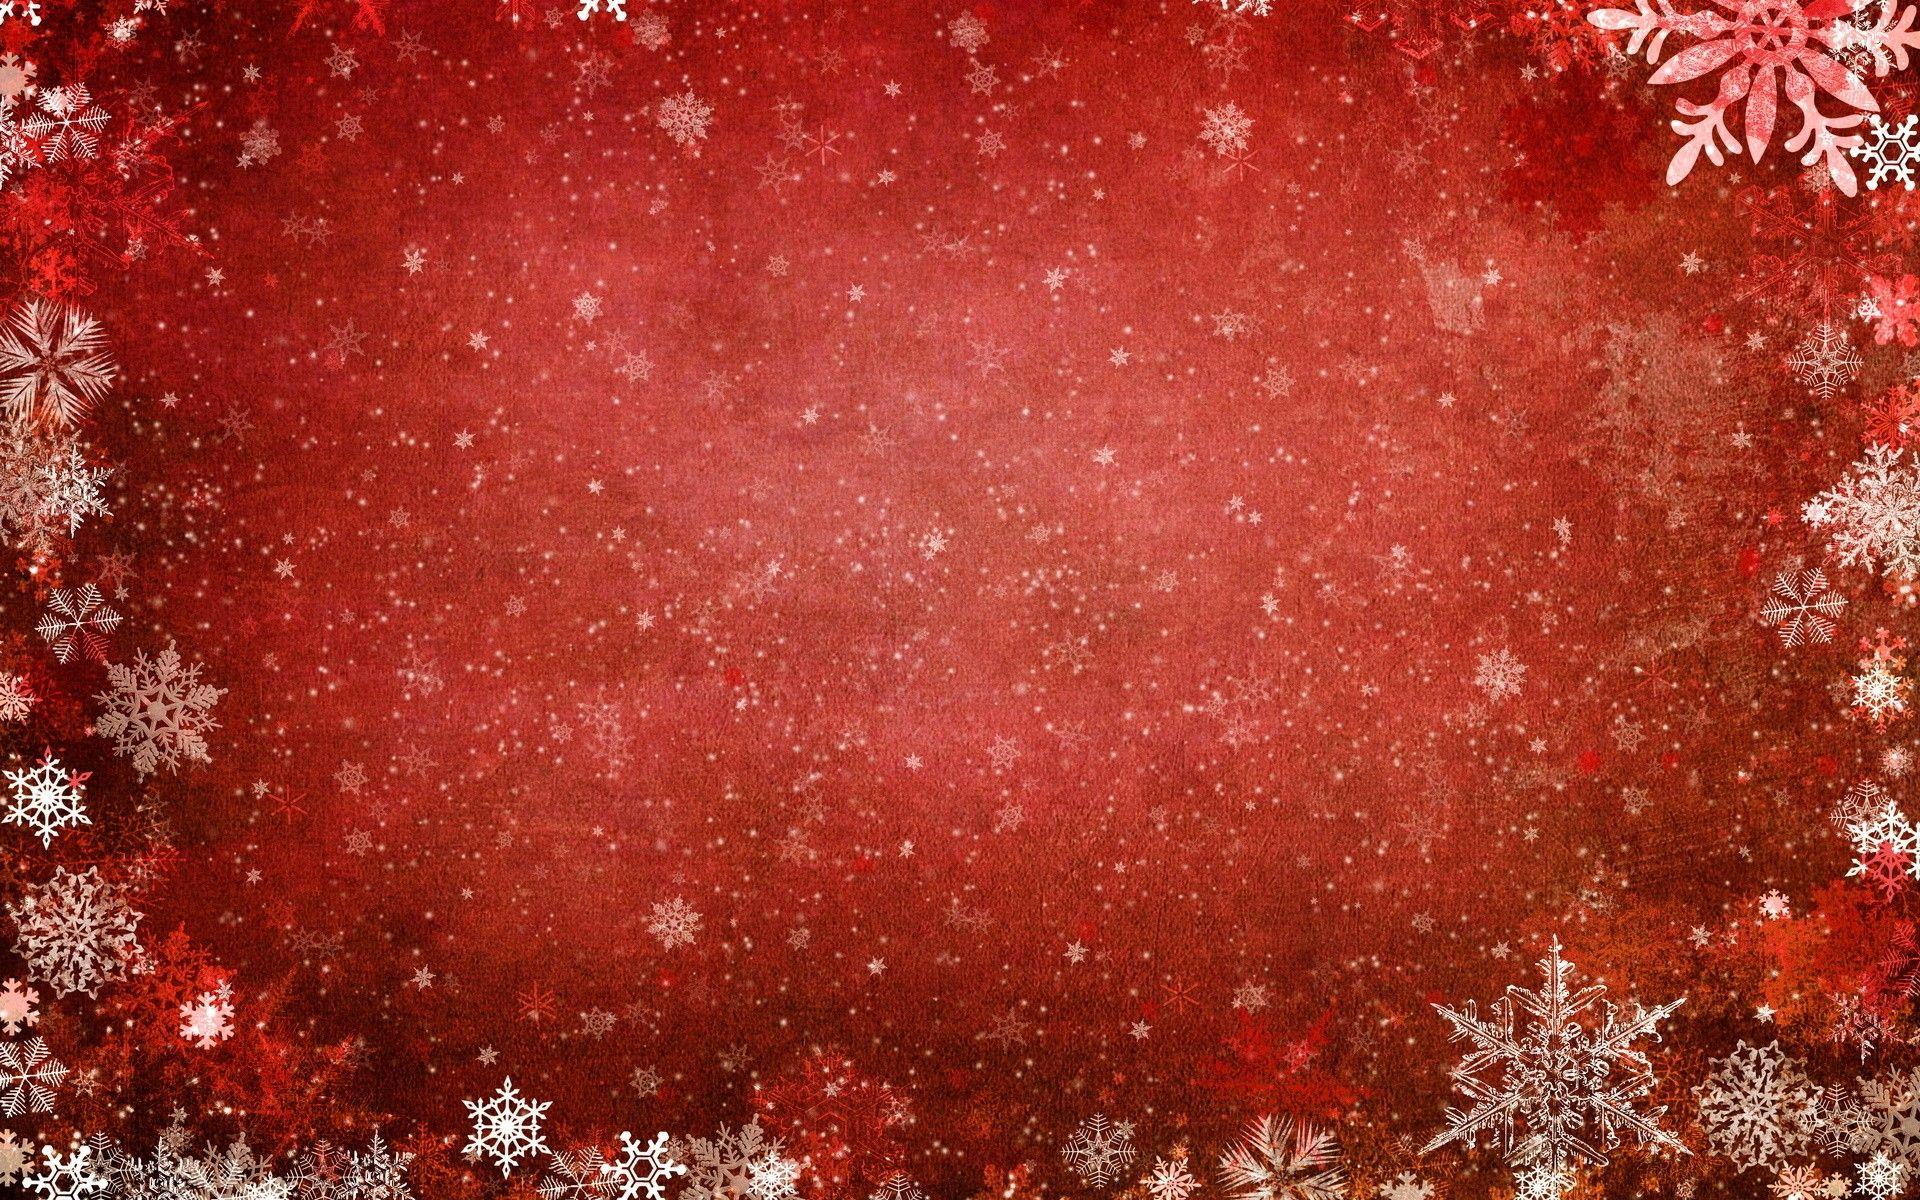 Fondos De Pantalla Hd Navidad 2016: Fondos De Navidad Para Niños Para Pantalla Hd 2 HD